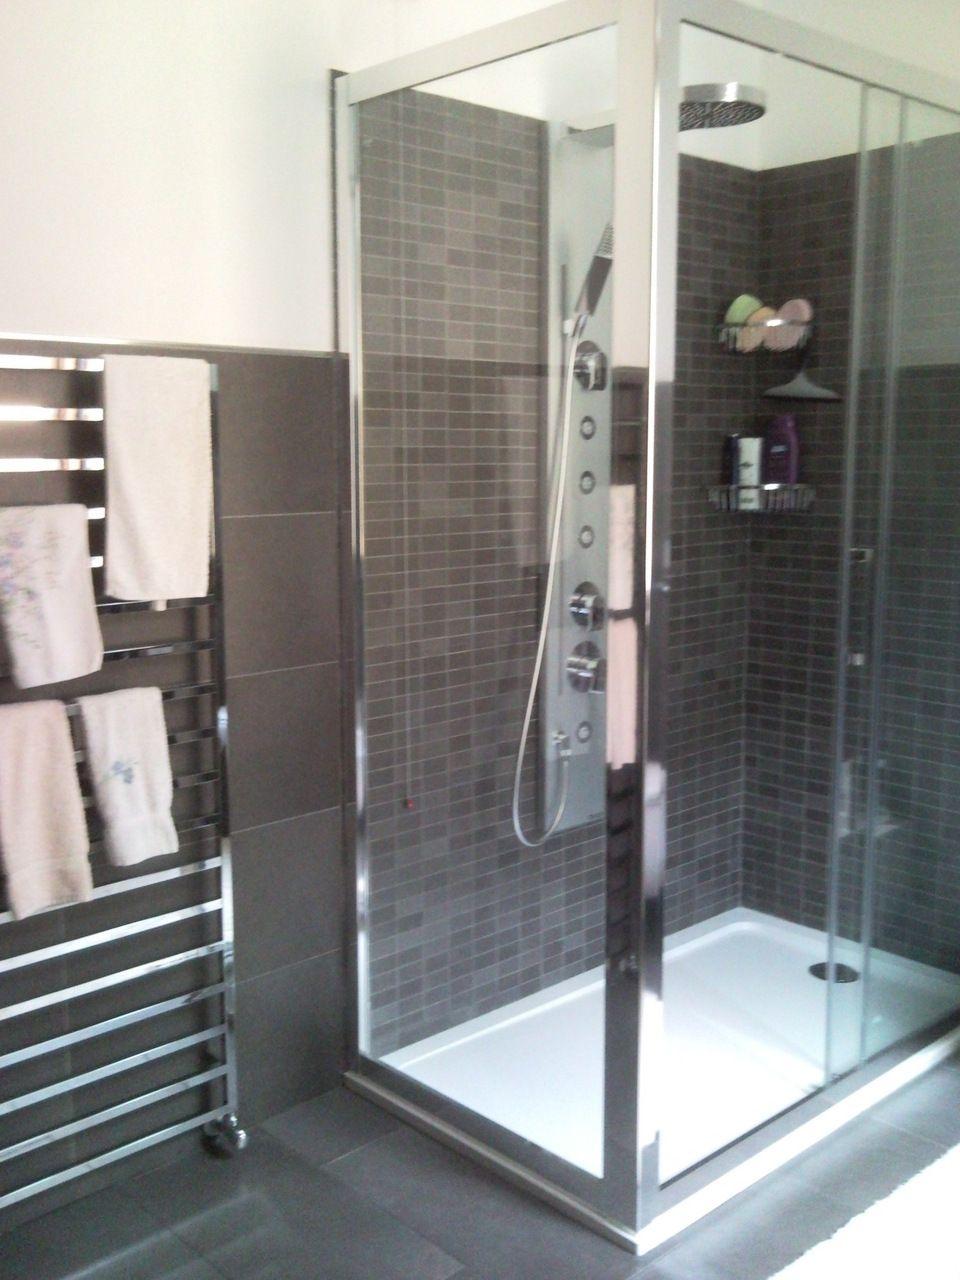 idee rivestimenti bagno - cerca con google | bagno e lavanderia ... - Rivestimenti Bagno Moderno Piccolo